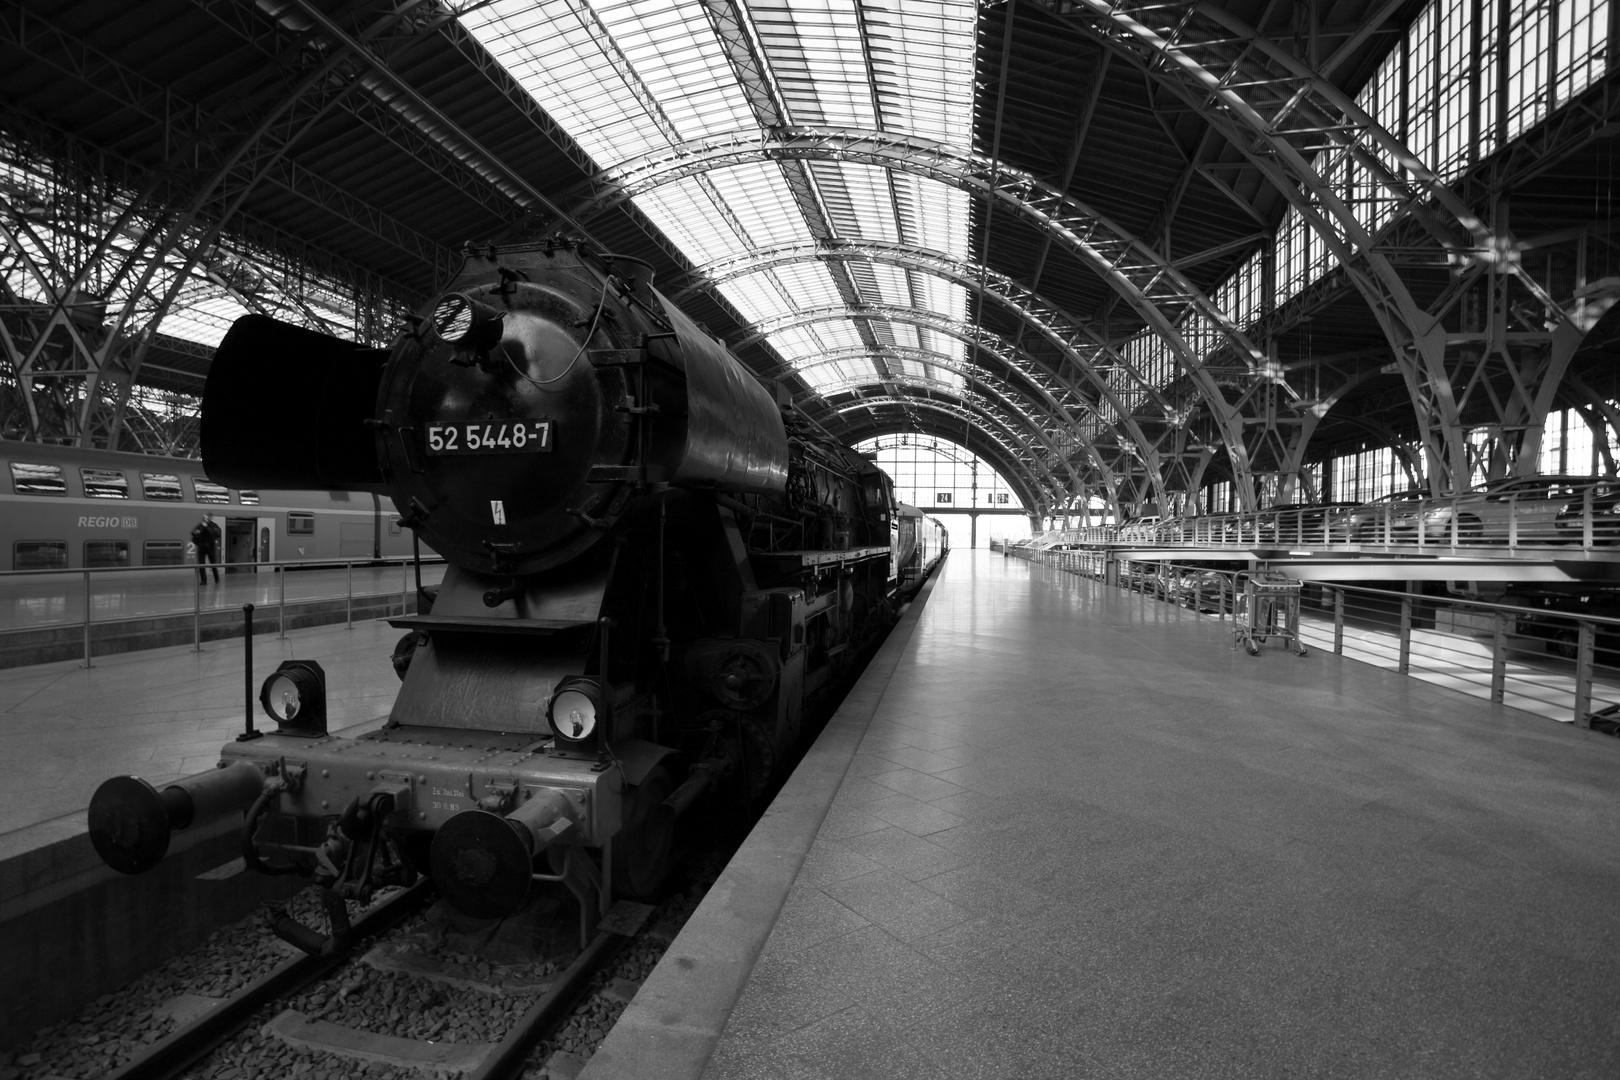 BR 52 ab 1942 gebaute Güterzuglok